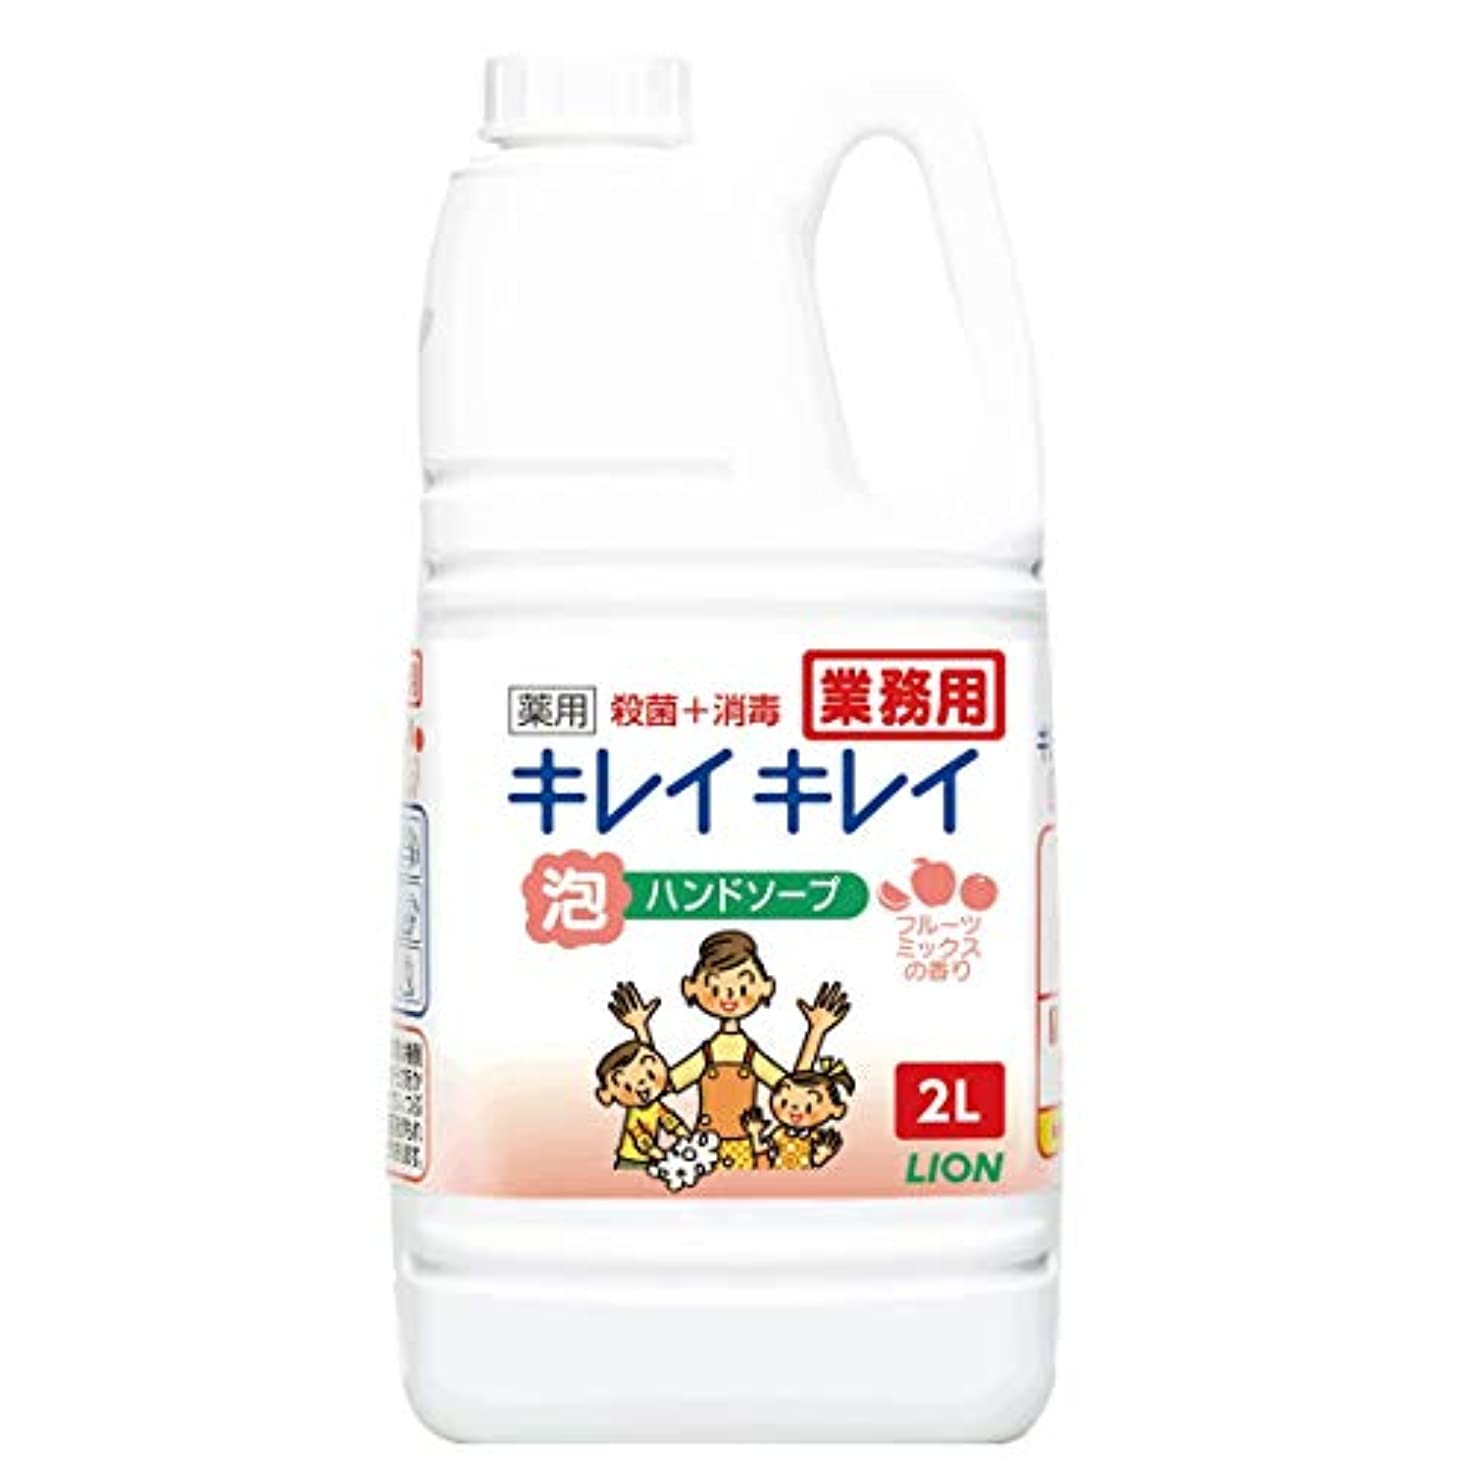 音楽家専門用語回想【大容量】キレイキレイ 薬用泡ハンドソープ フルーツミックスの香り 2L